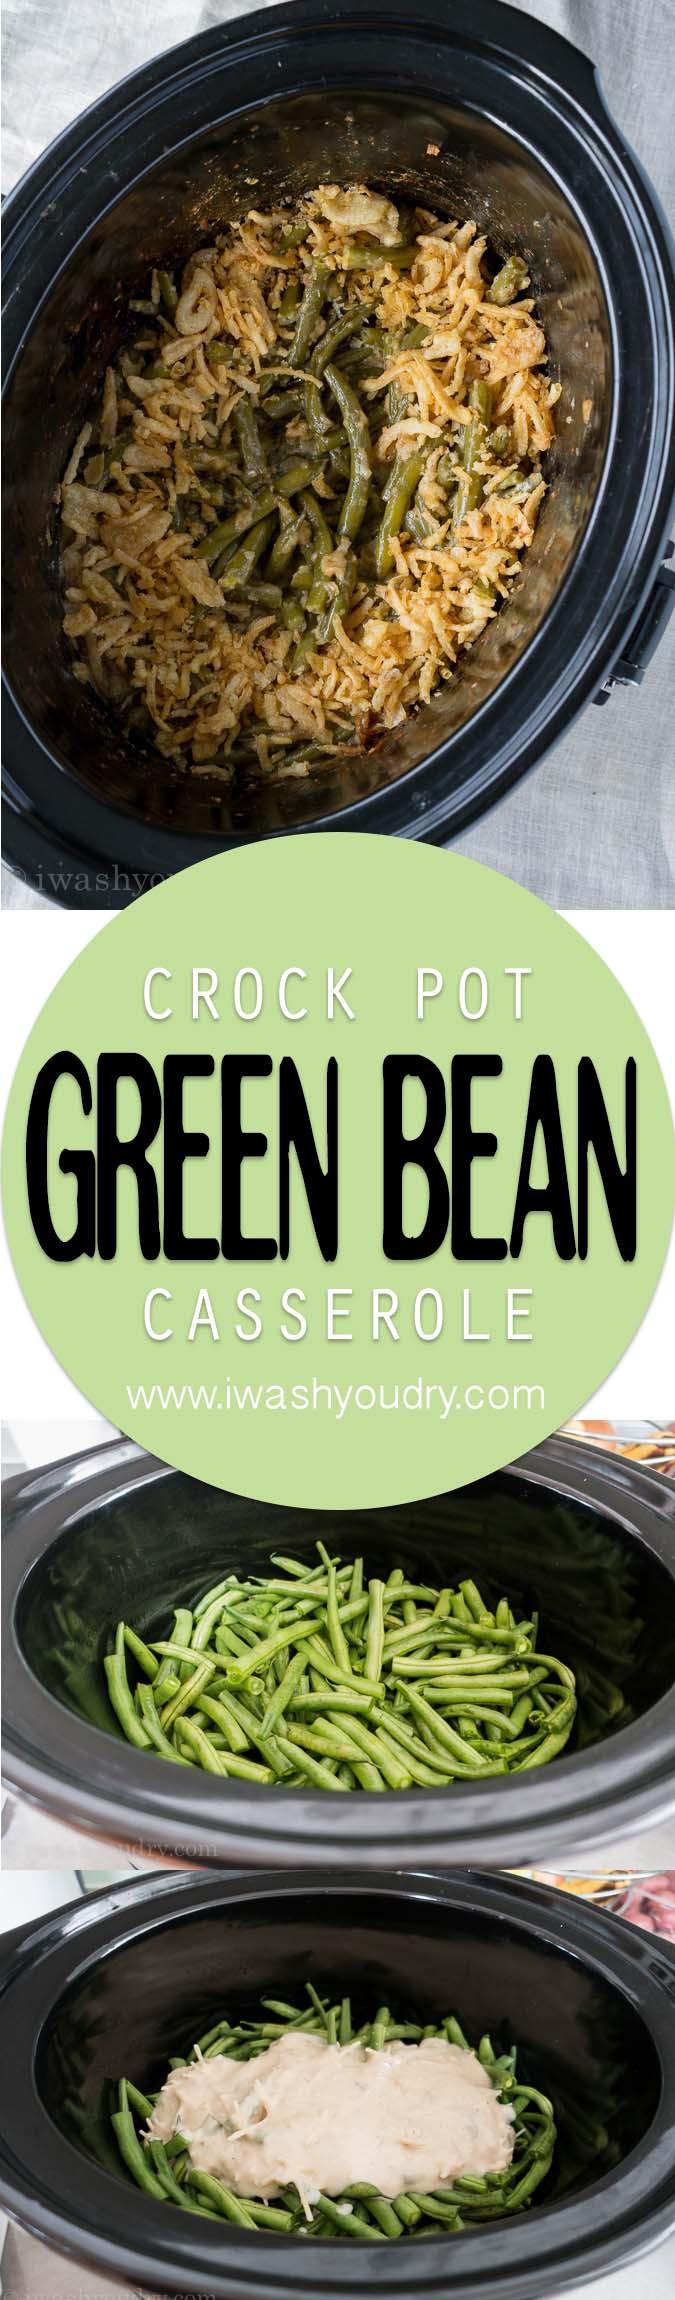 Crock Pot Green Bean Casserole  Crock Pot Green Bean Casserole I Wash You Dry